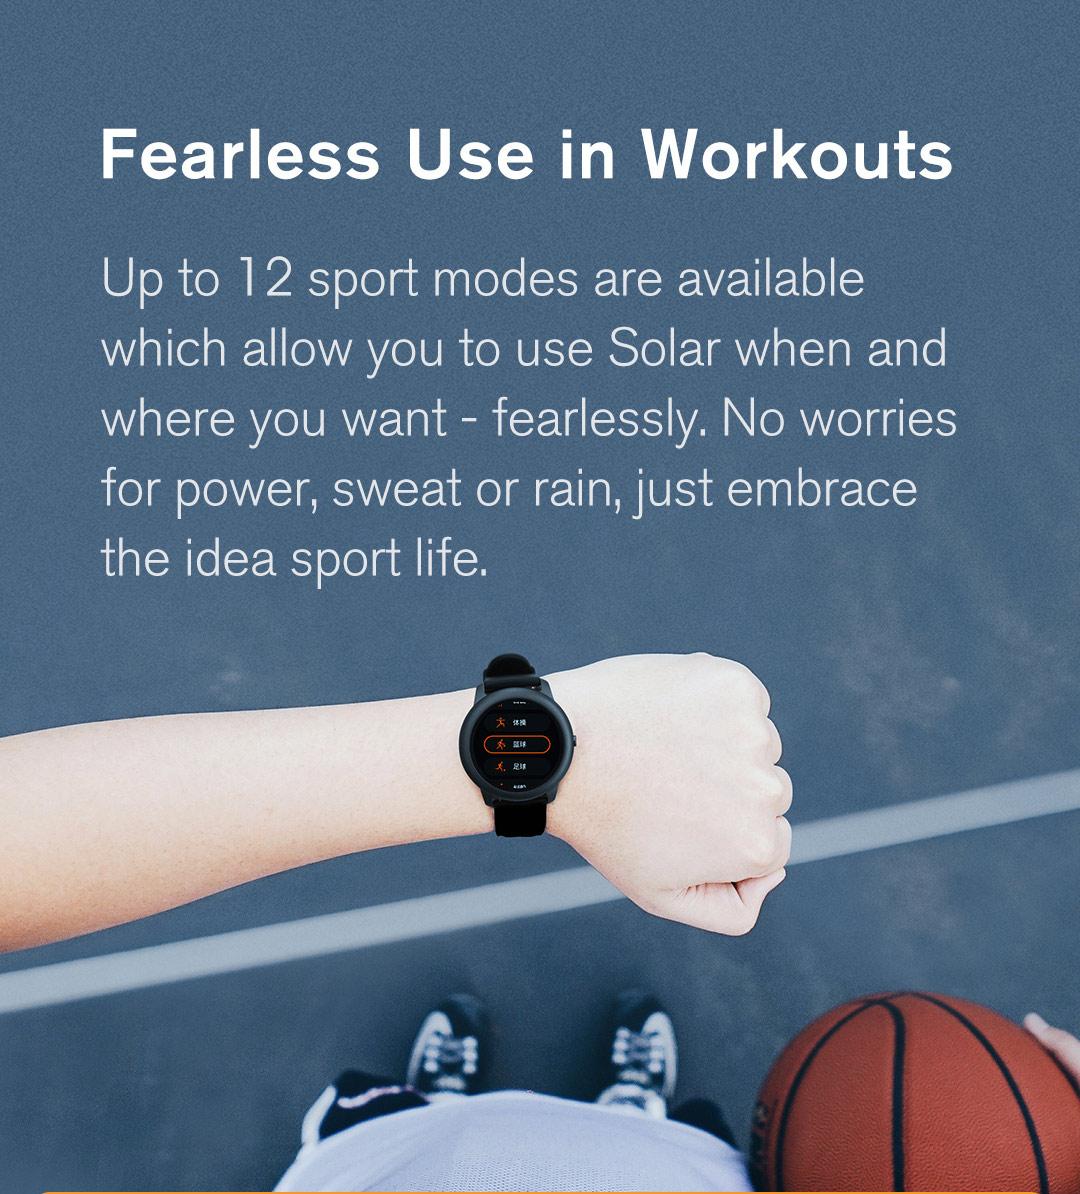 Haylou-Solar-LS05-Smartwatch-sport-modes